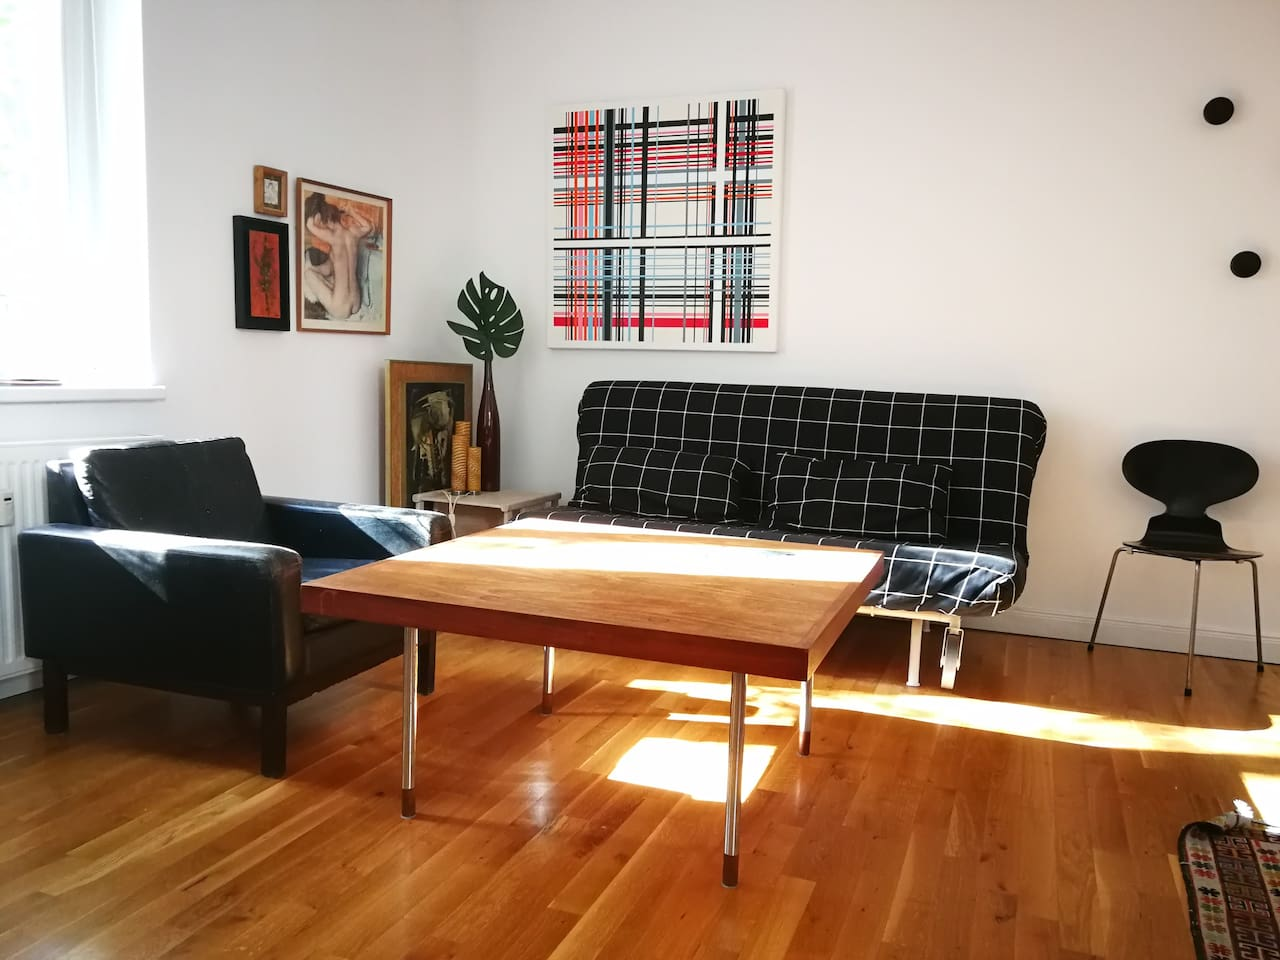 Wohnzimmer mit Schlafsofa